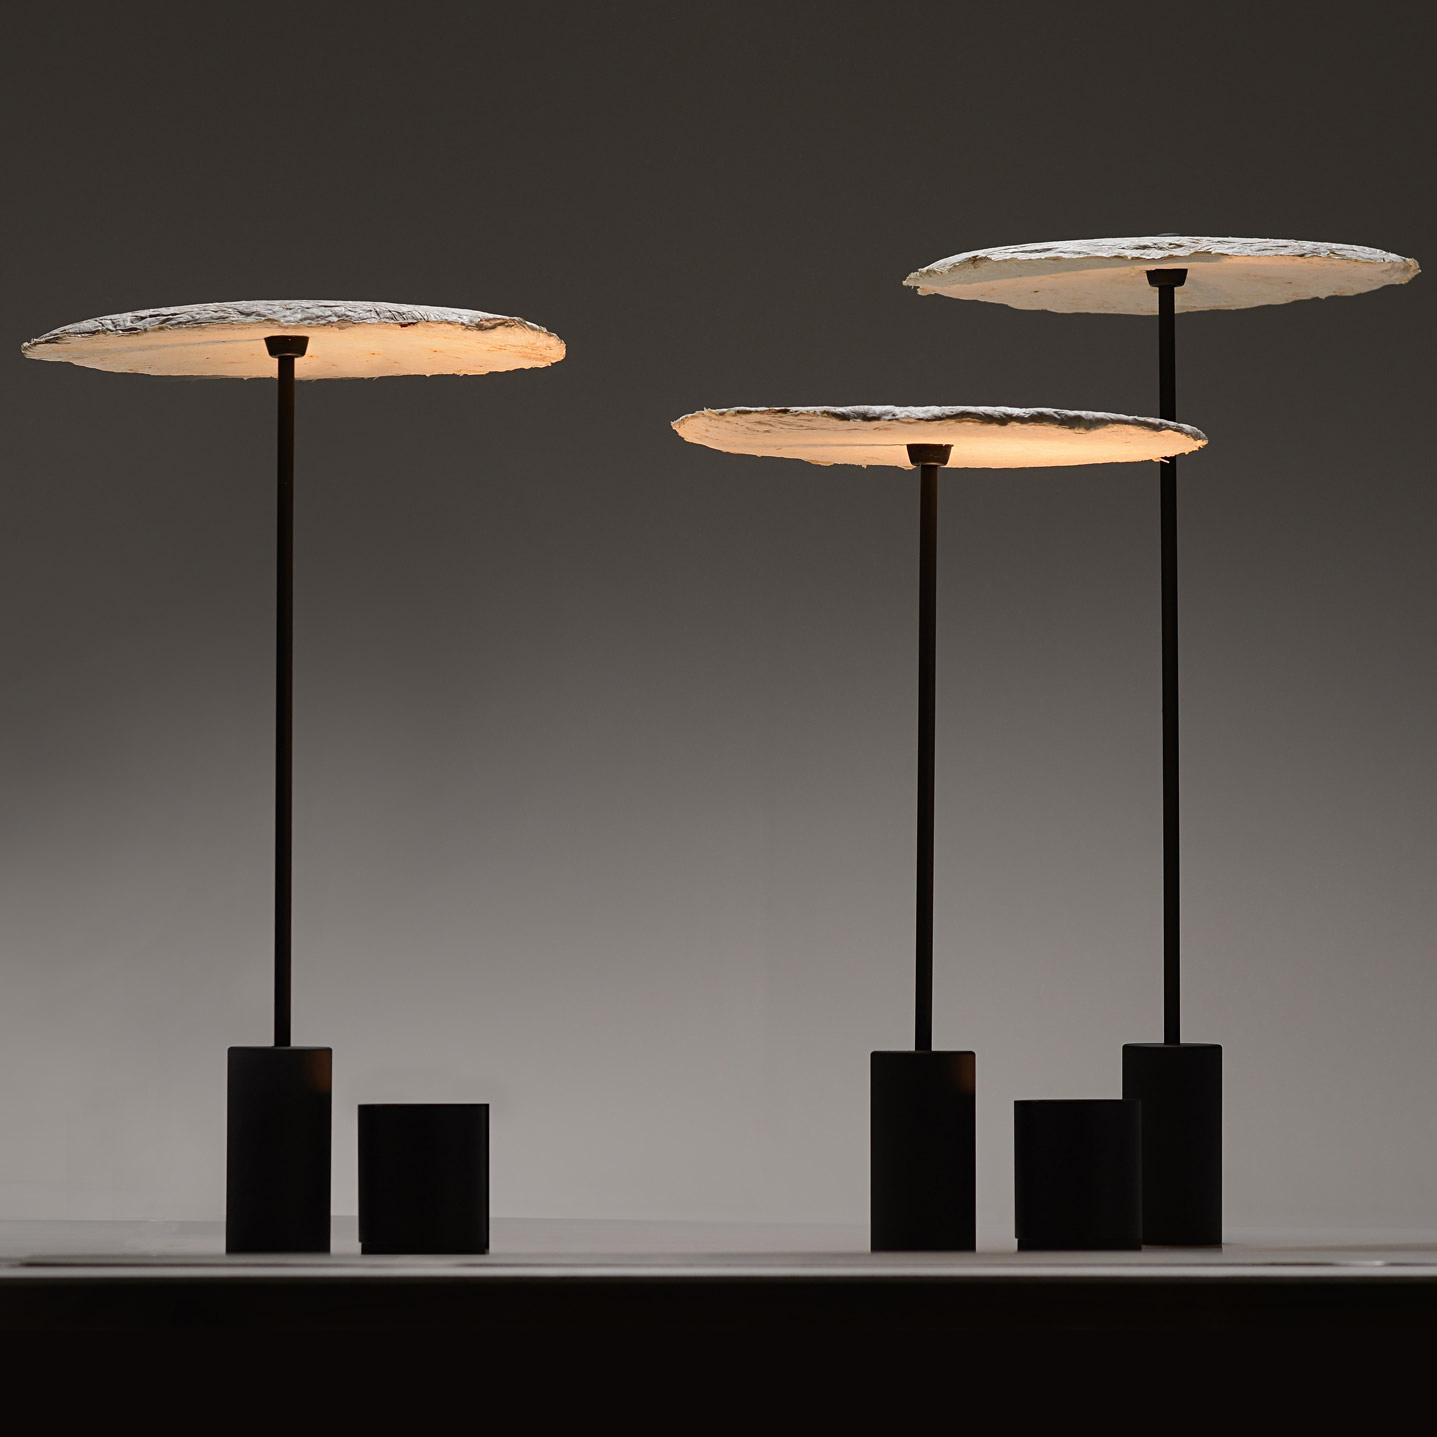 Светильники из мицелия от Nir Meiri